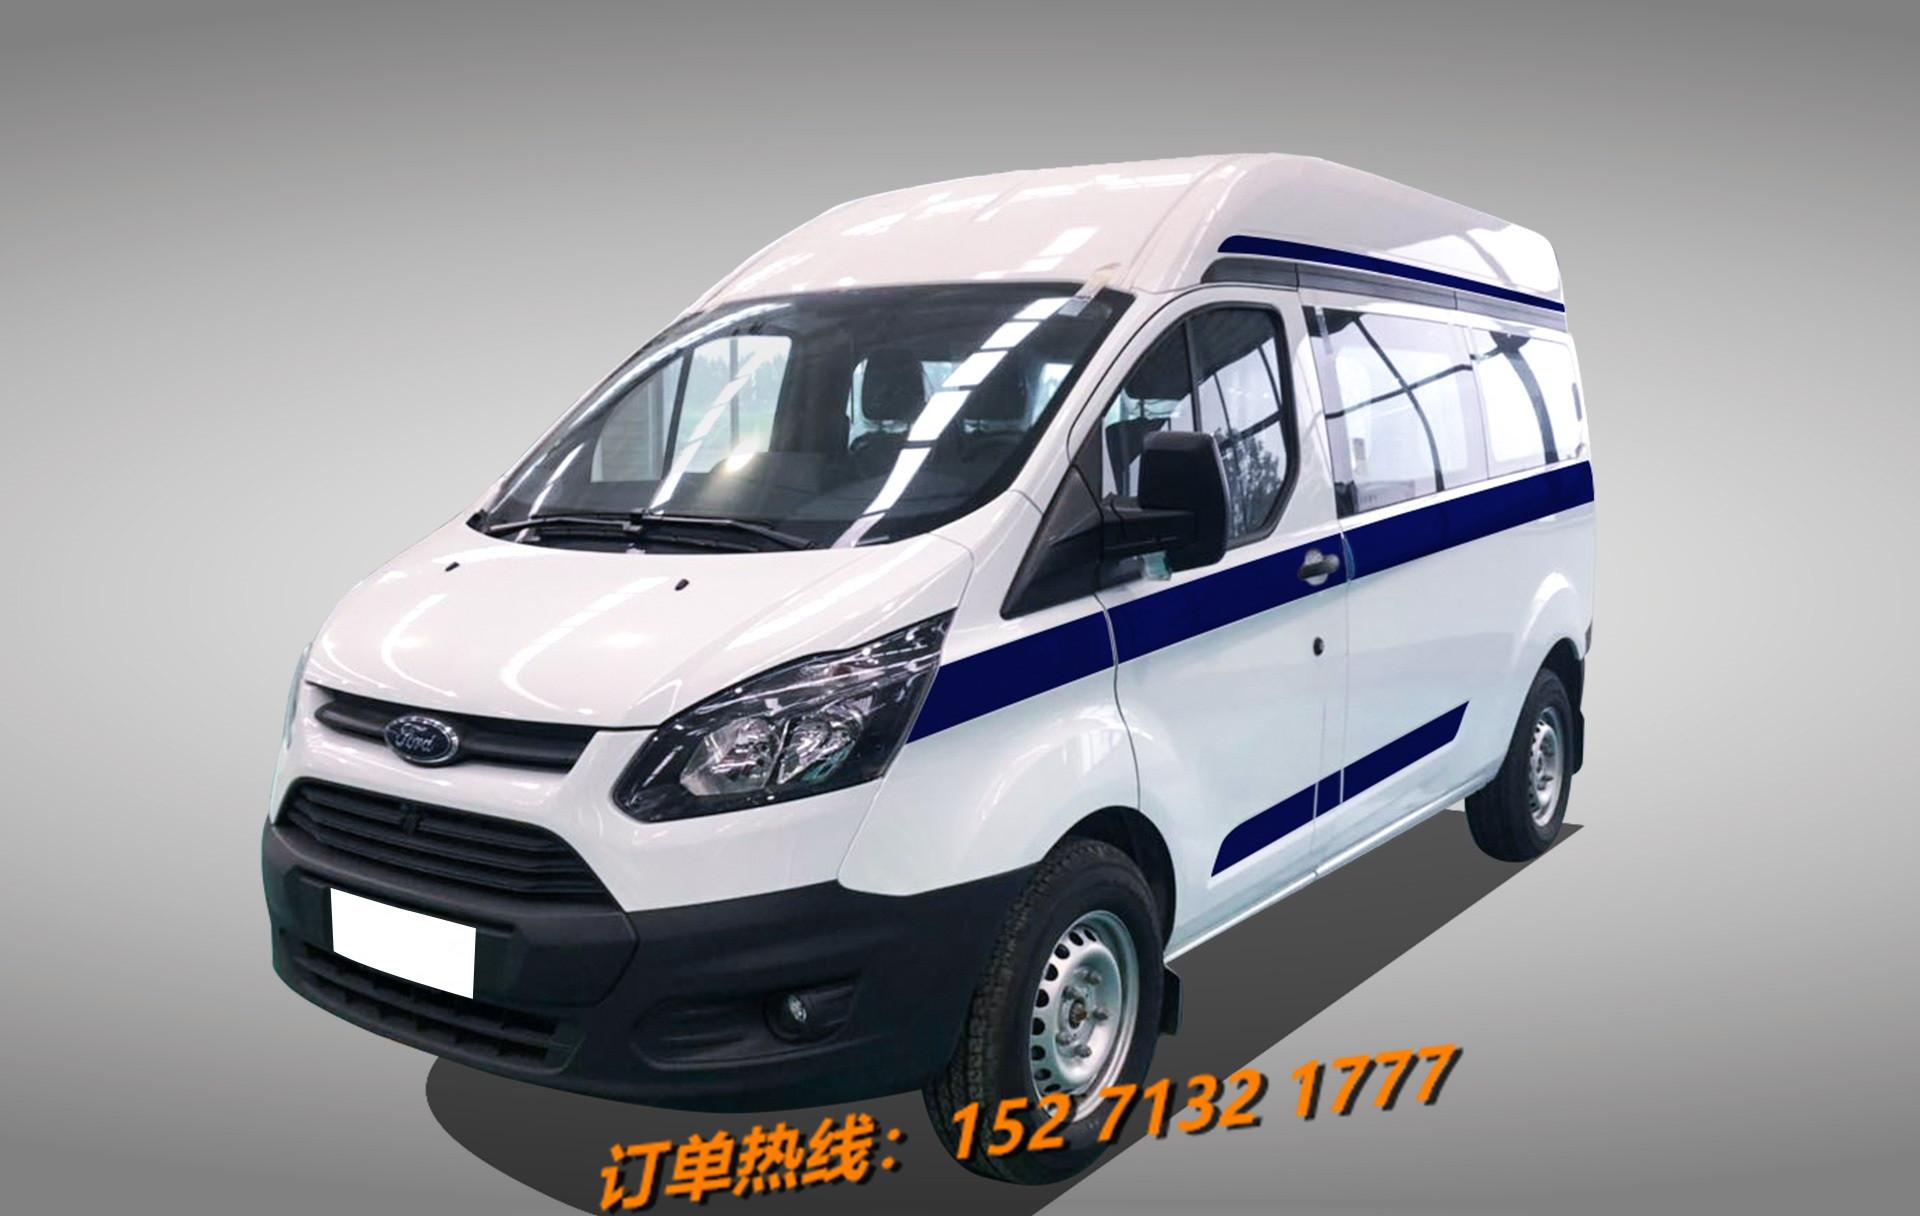 福特V362多功能检测车销售15271321777 (4)